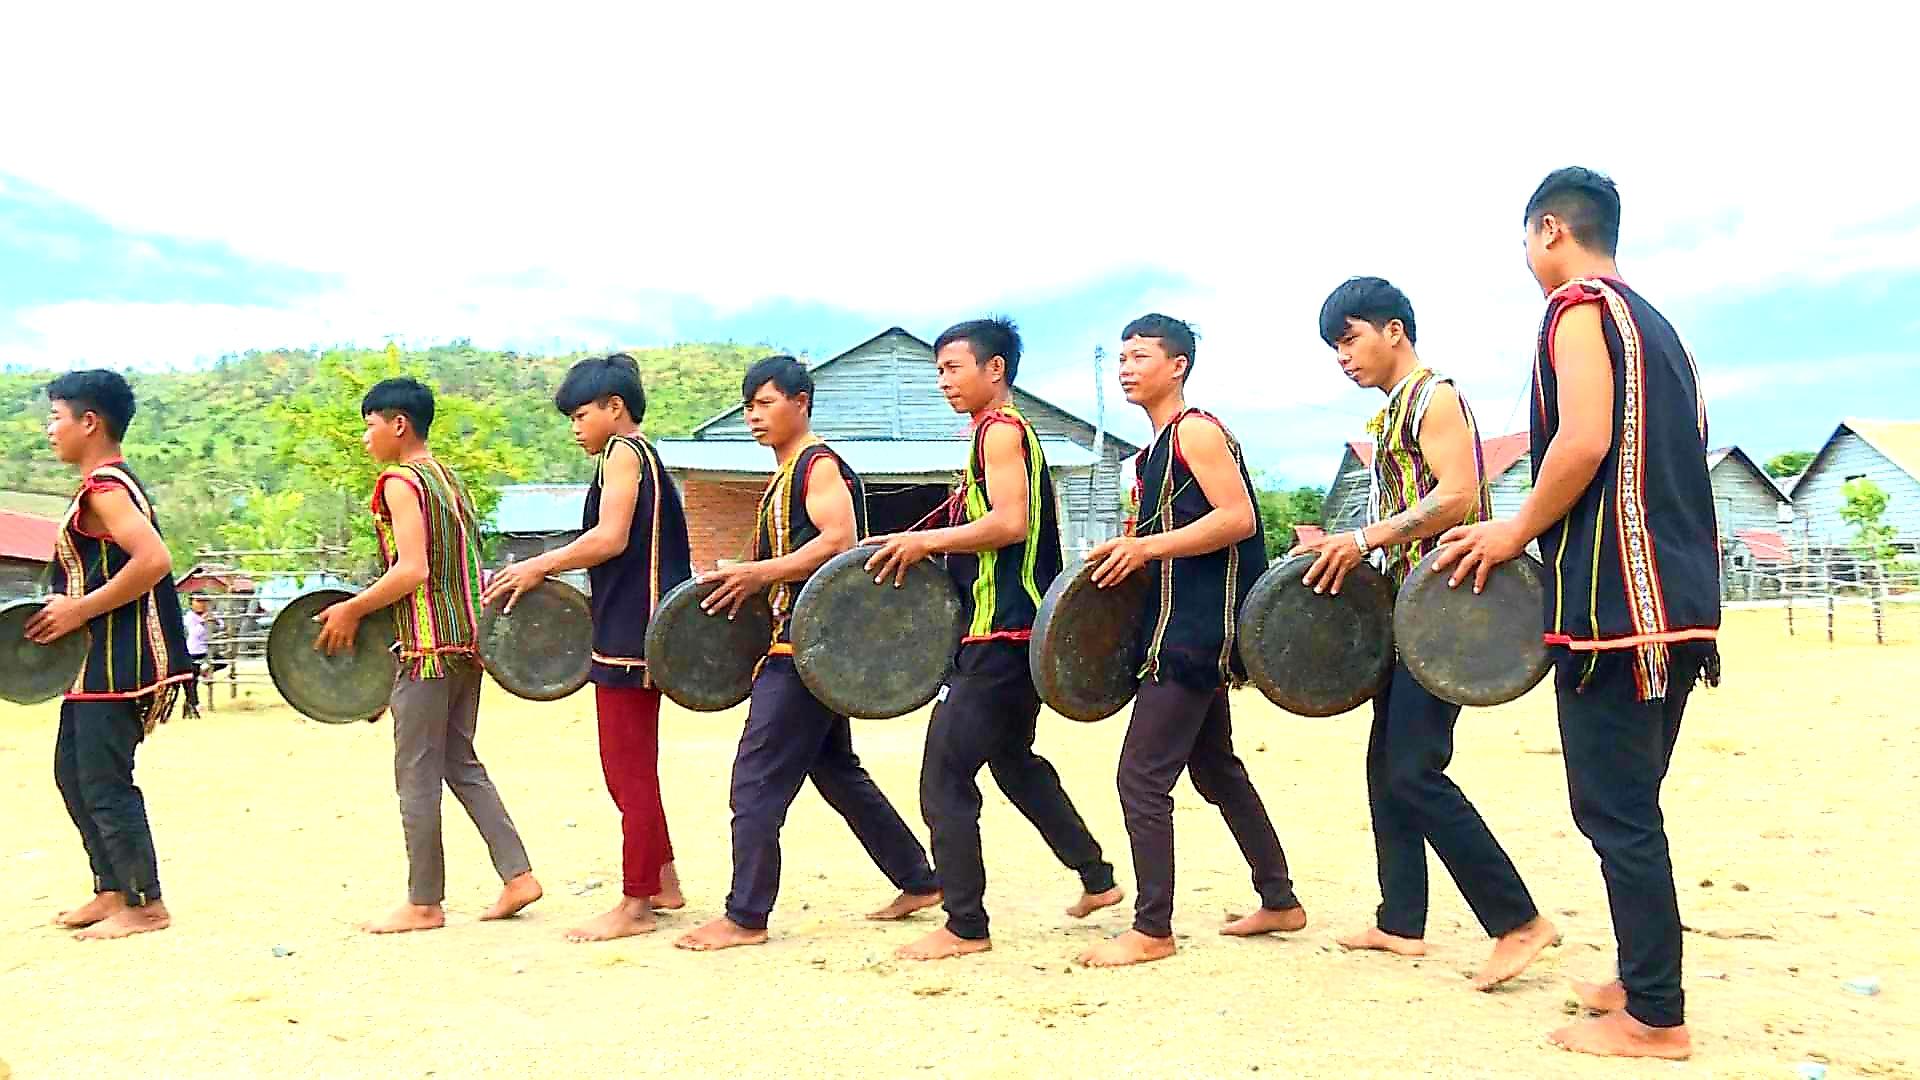 Rmah Mich (thứ tư từ phải qua) và đội chiêng làng Hek đang tập luyện đánh chiêng